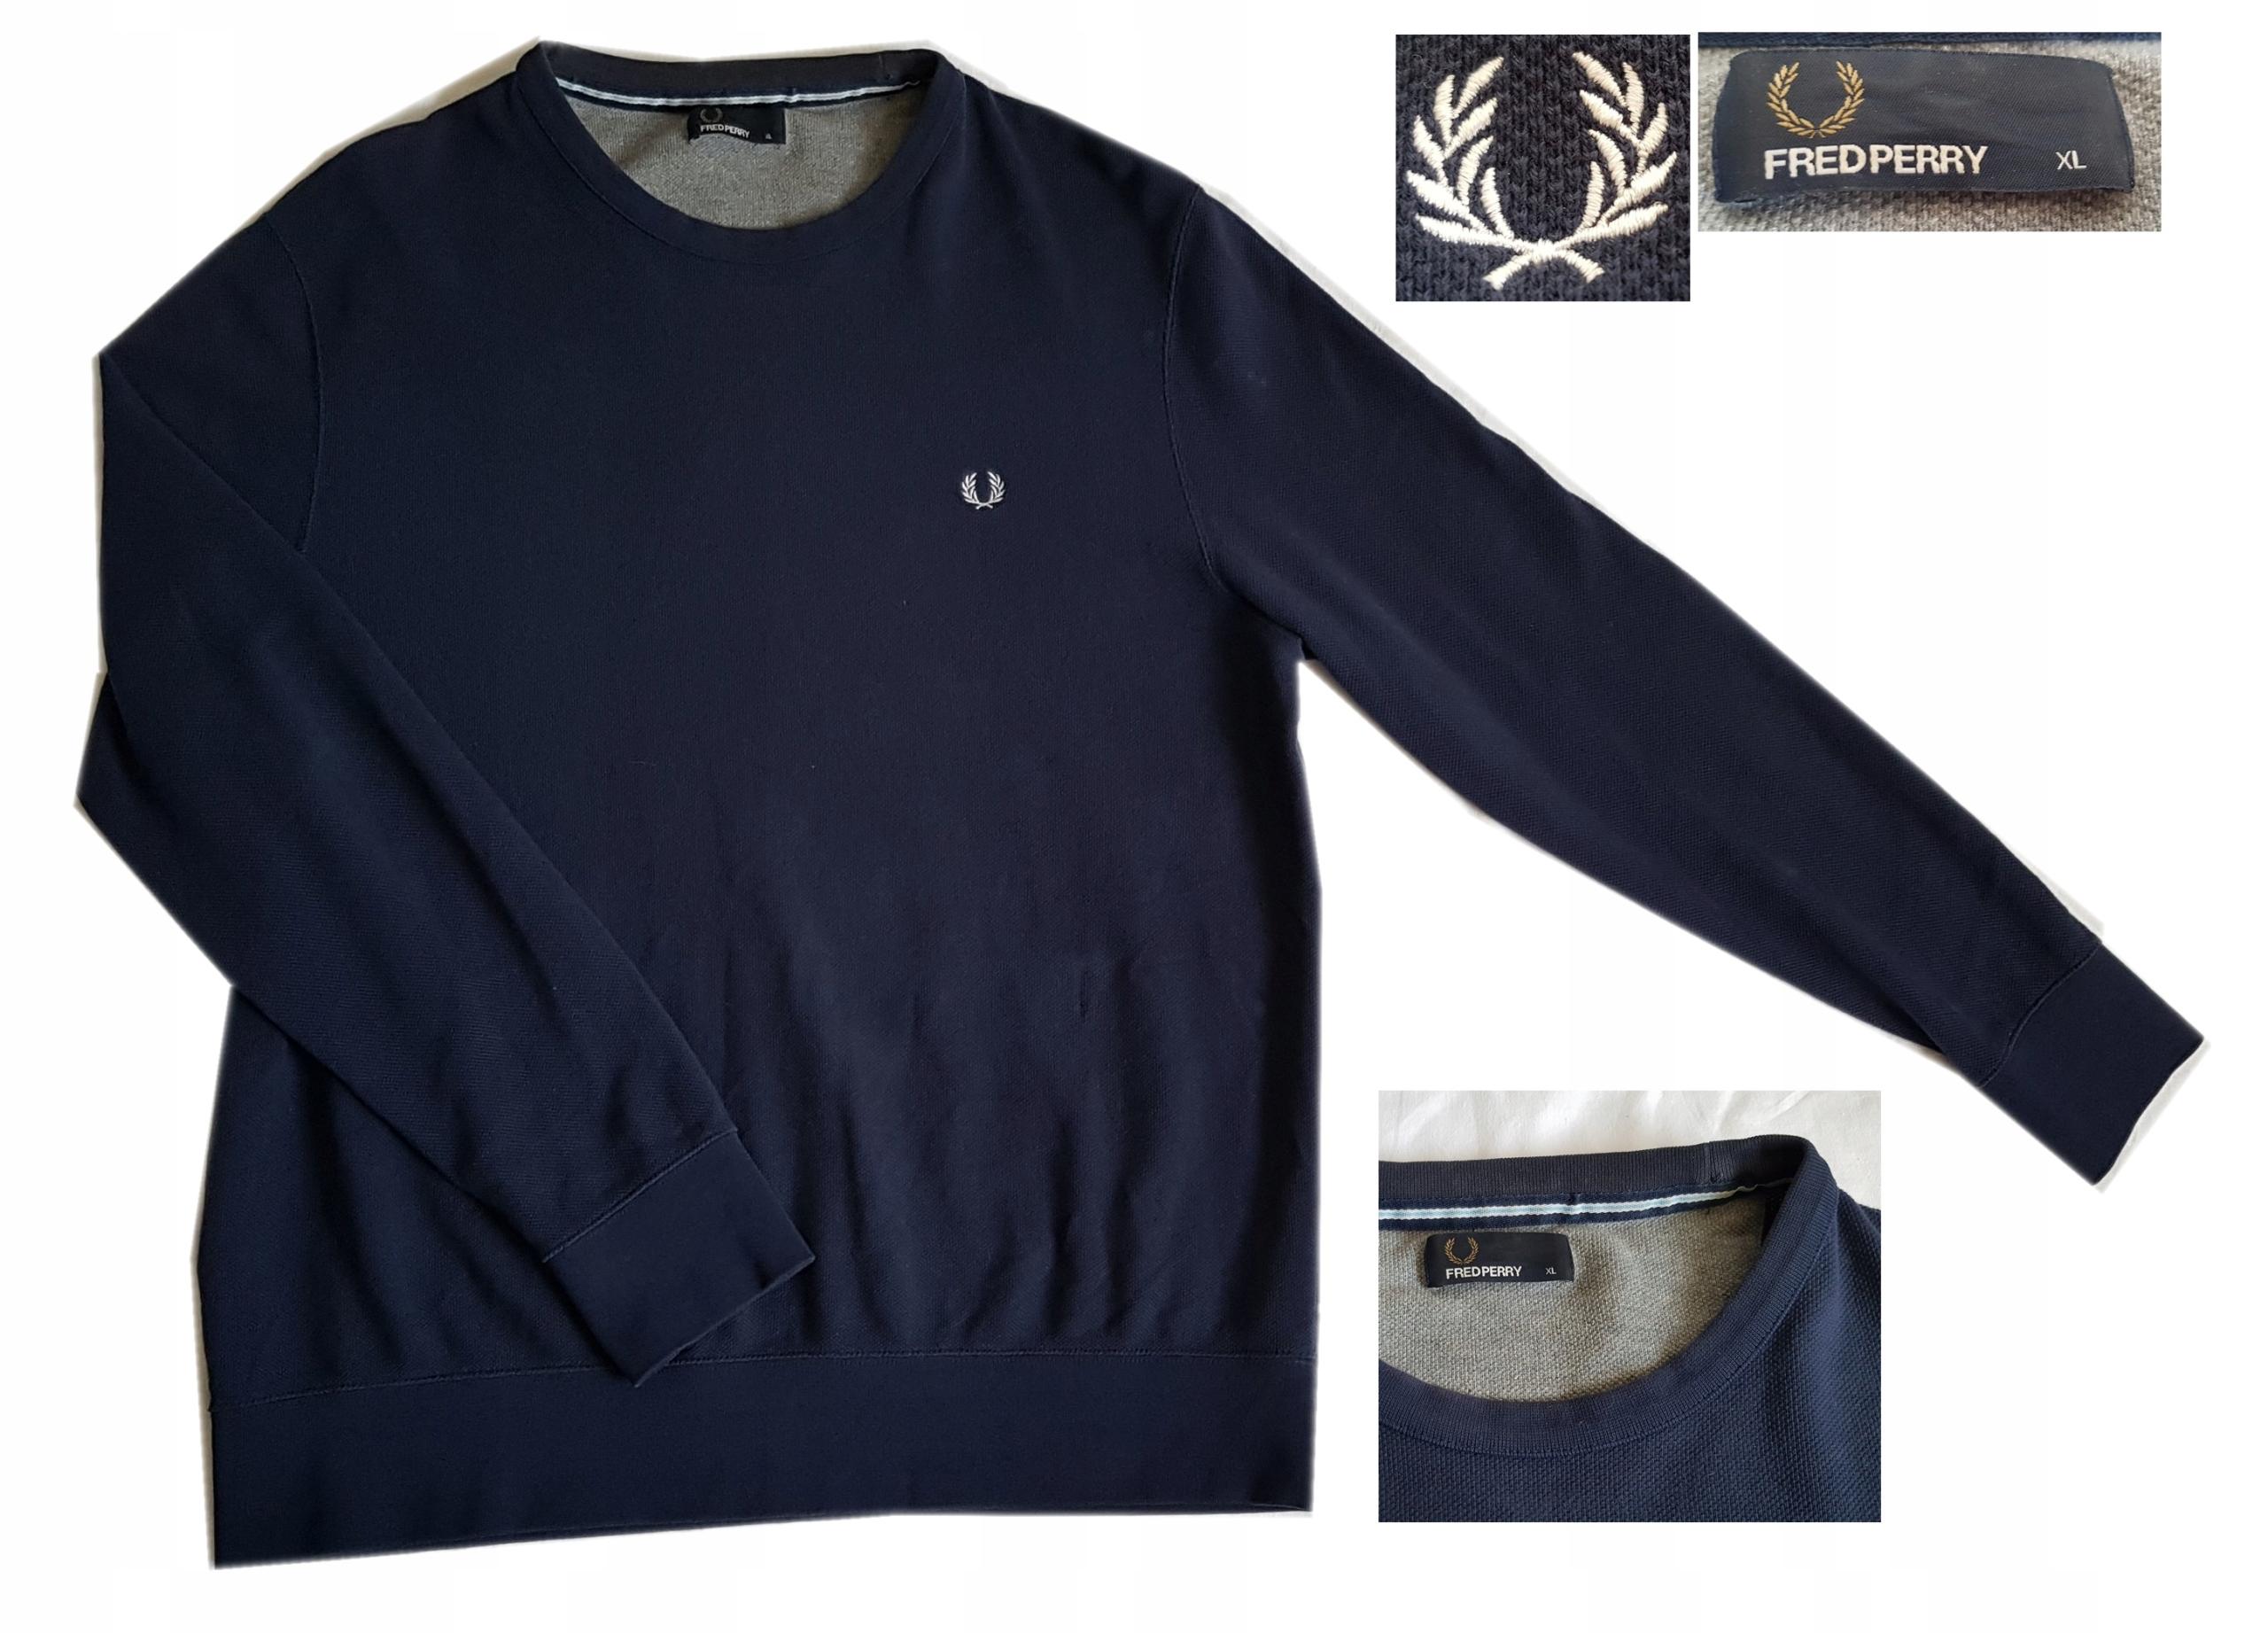 Bluza Fred Perry rozmiar XL/XXL